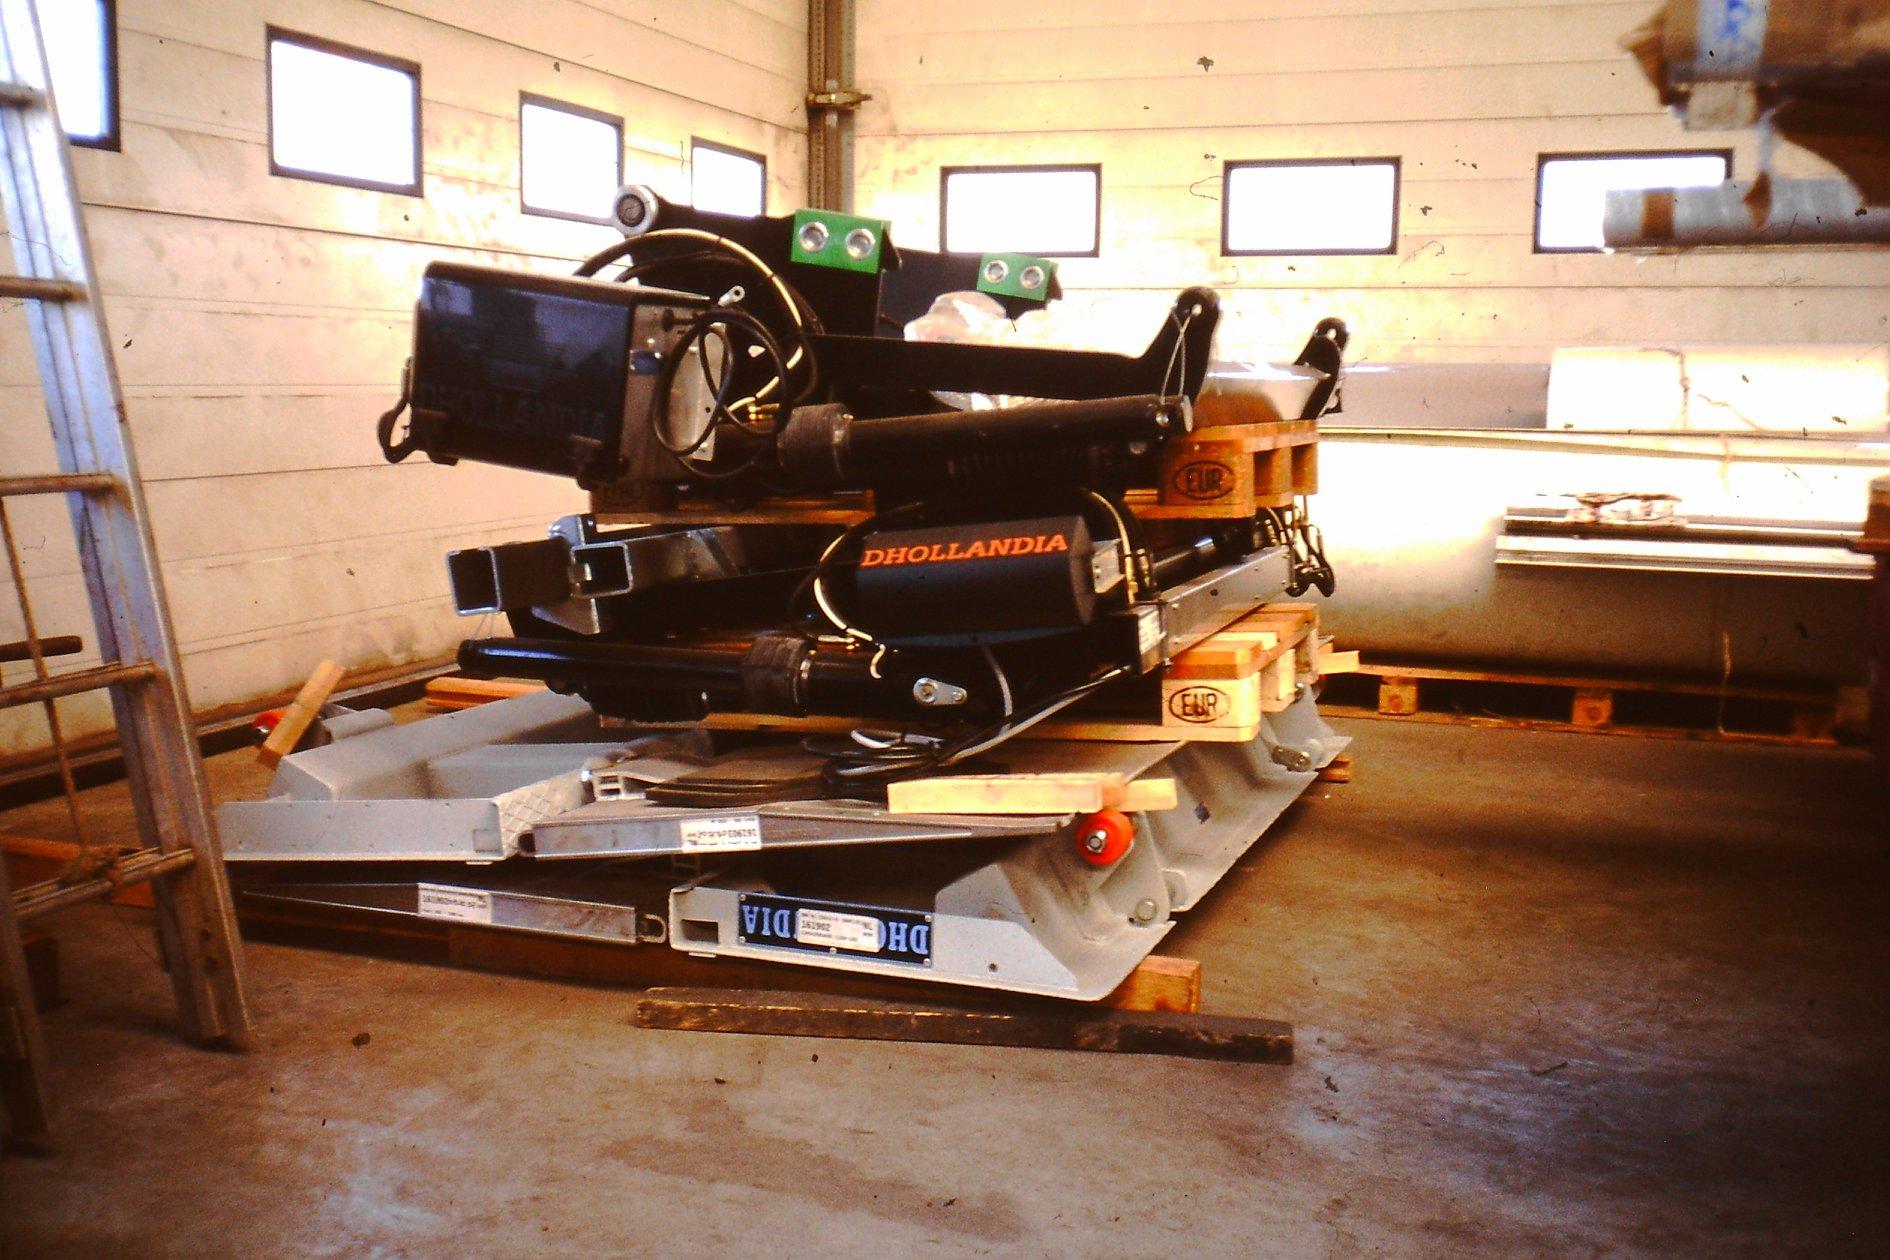 Peter-Nieuwkoop-met-zijn-nieuwe-scania-27-1-2003-9